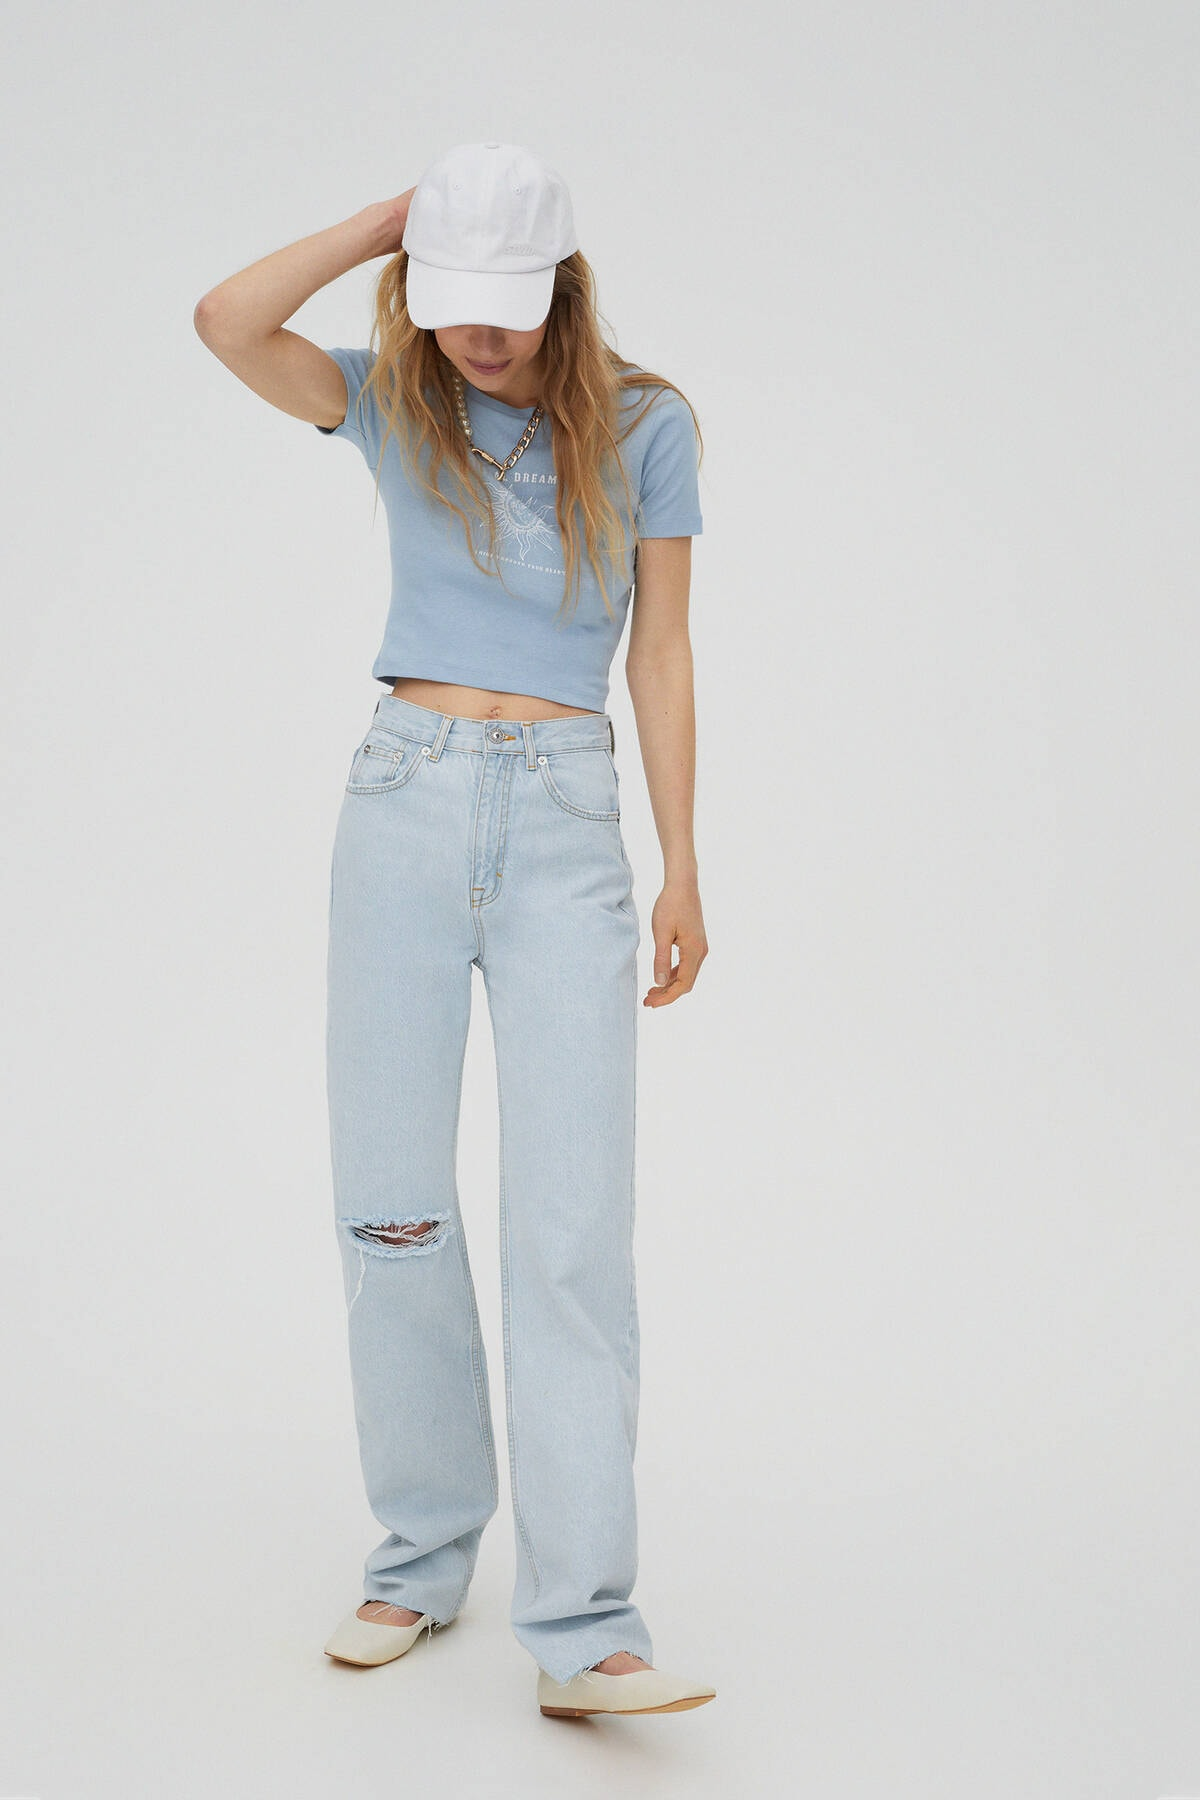 Pull & Bear Kadın  Mavi Gri Grafik Baskılı Fitilli T-Shirt 09247324 2